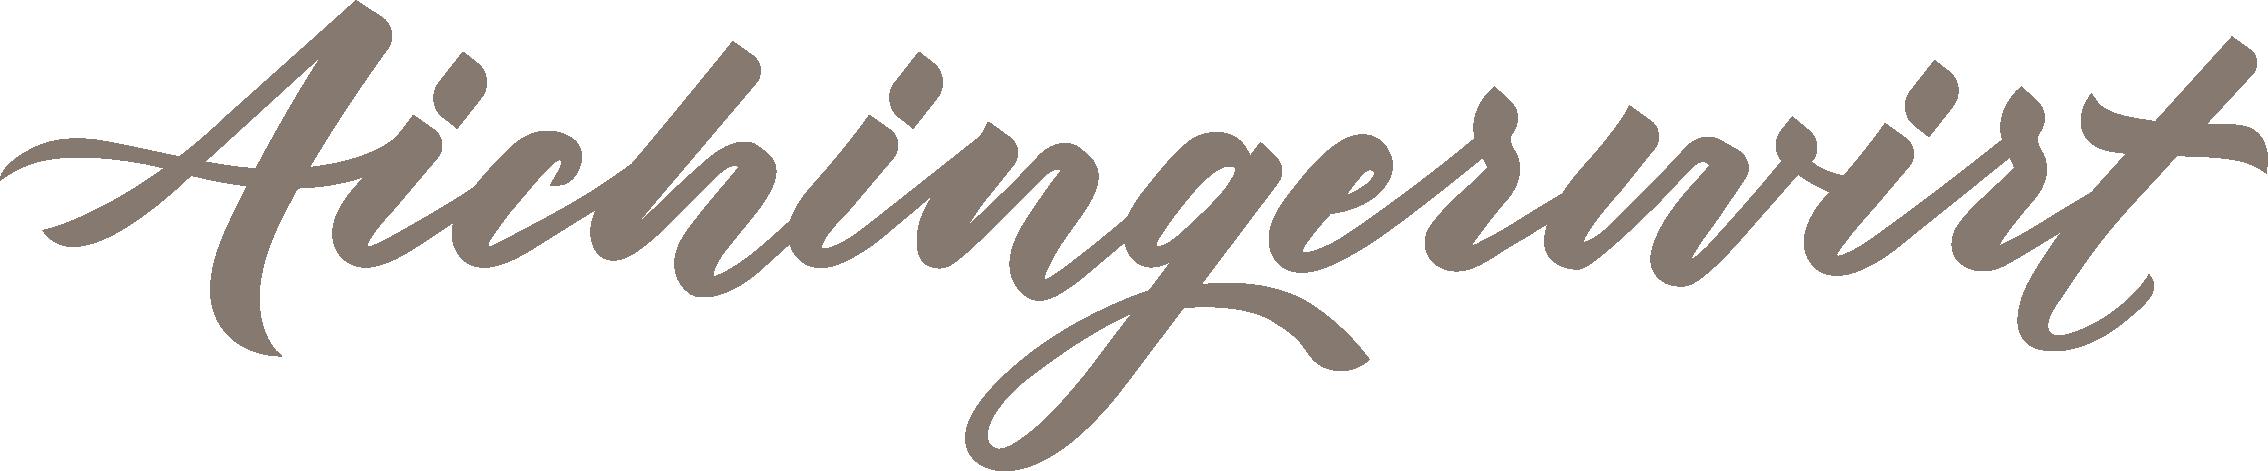 Aichingerwirt Logo 2020 Farbe  2268x471